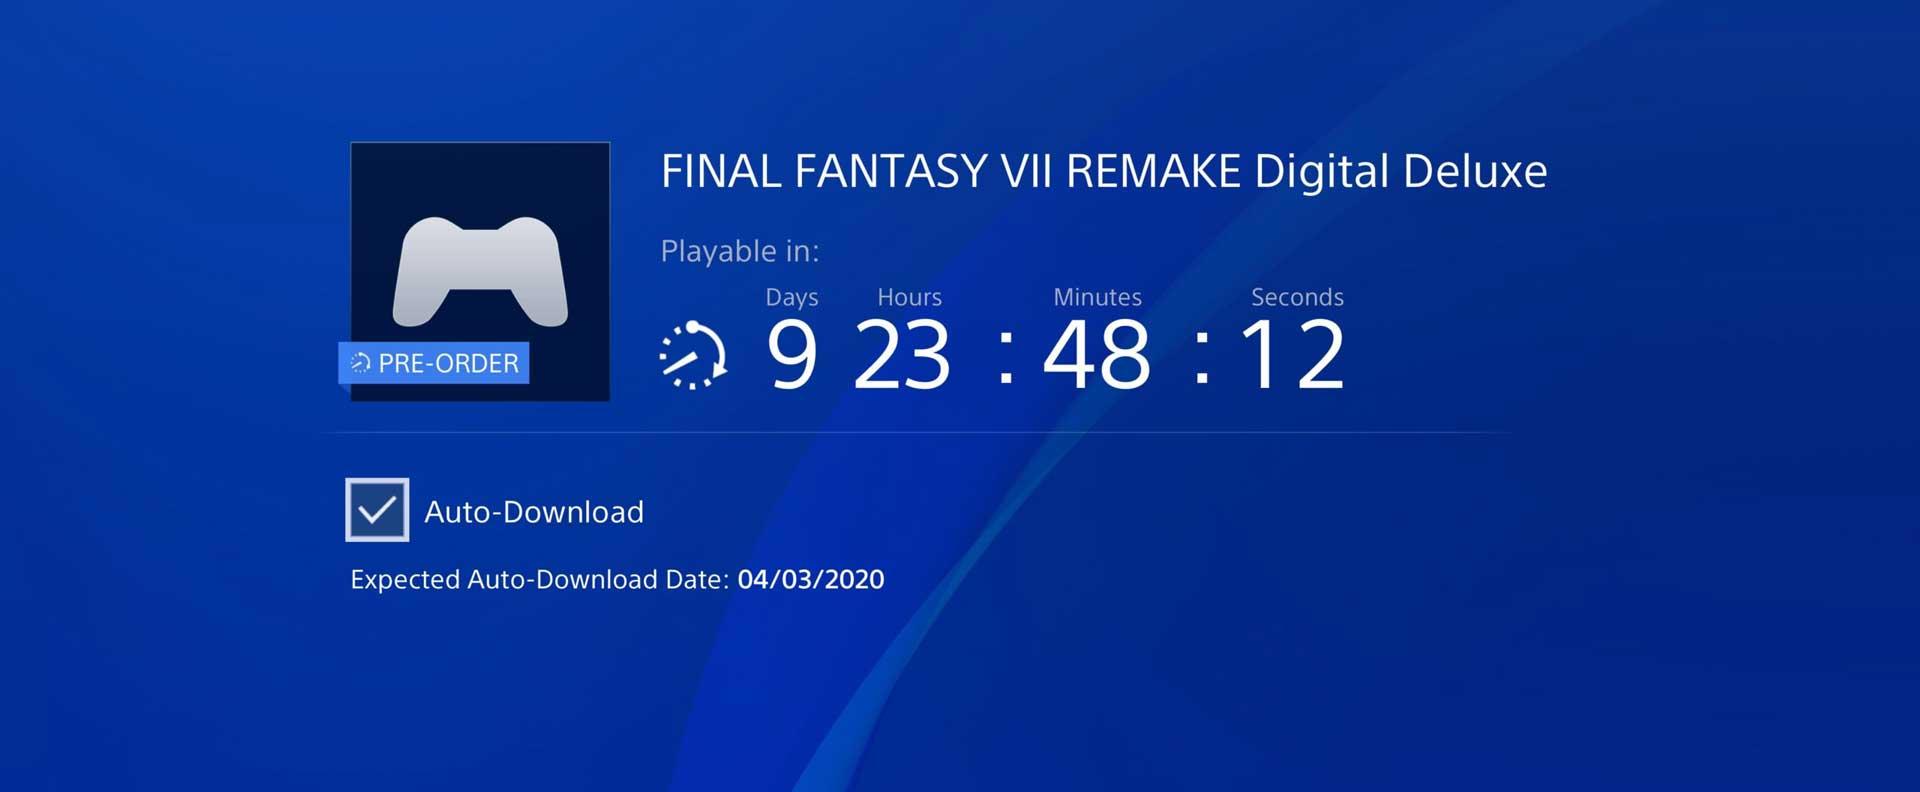 Final Fantasy VII Remake Square Enix Pre-load